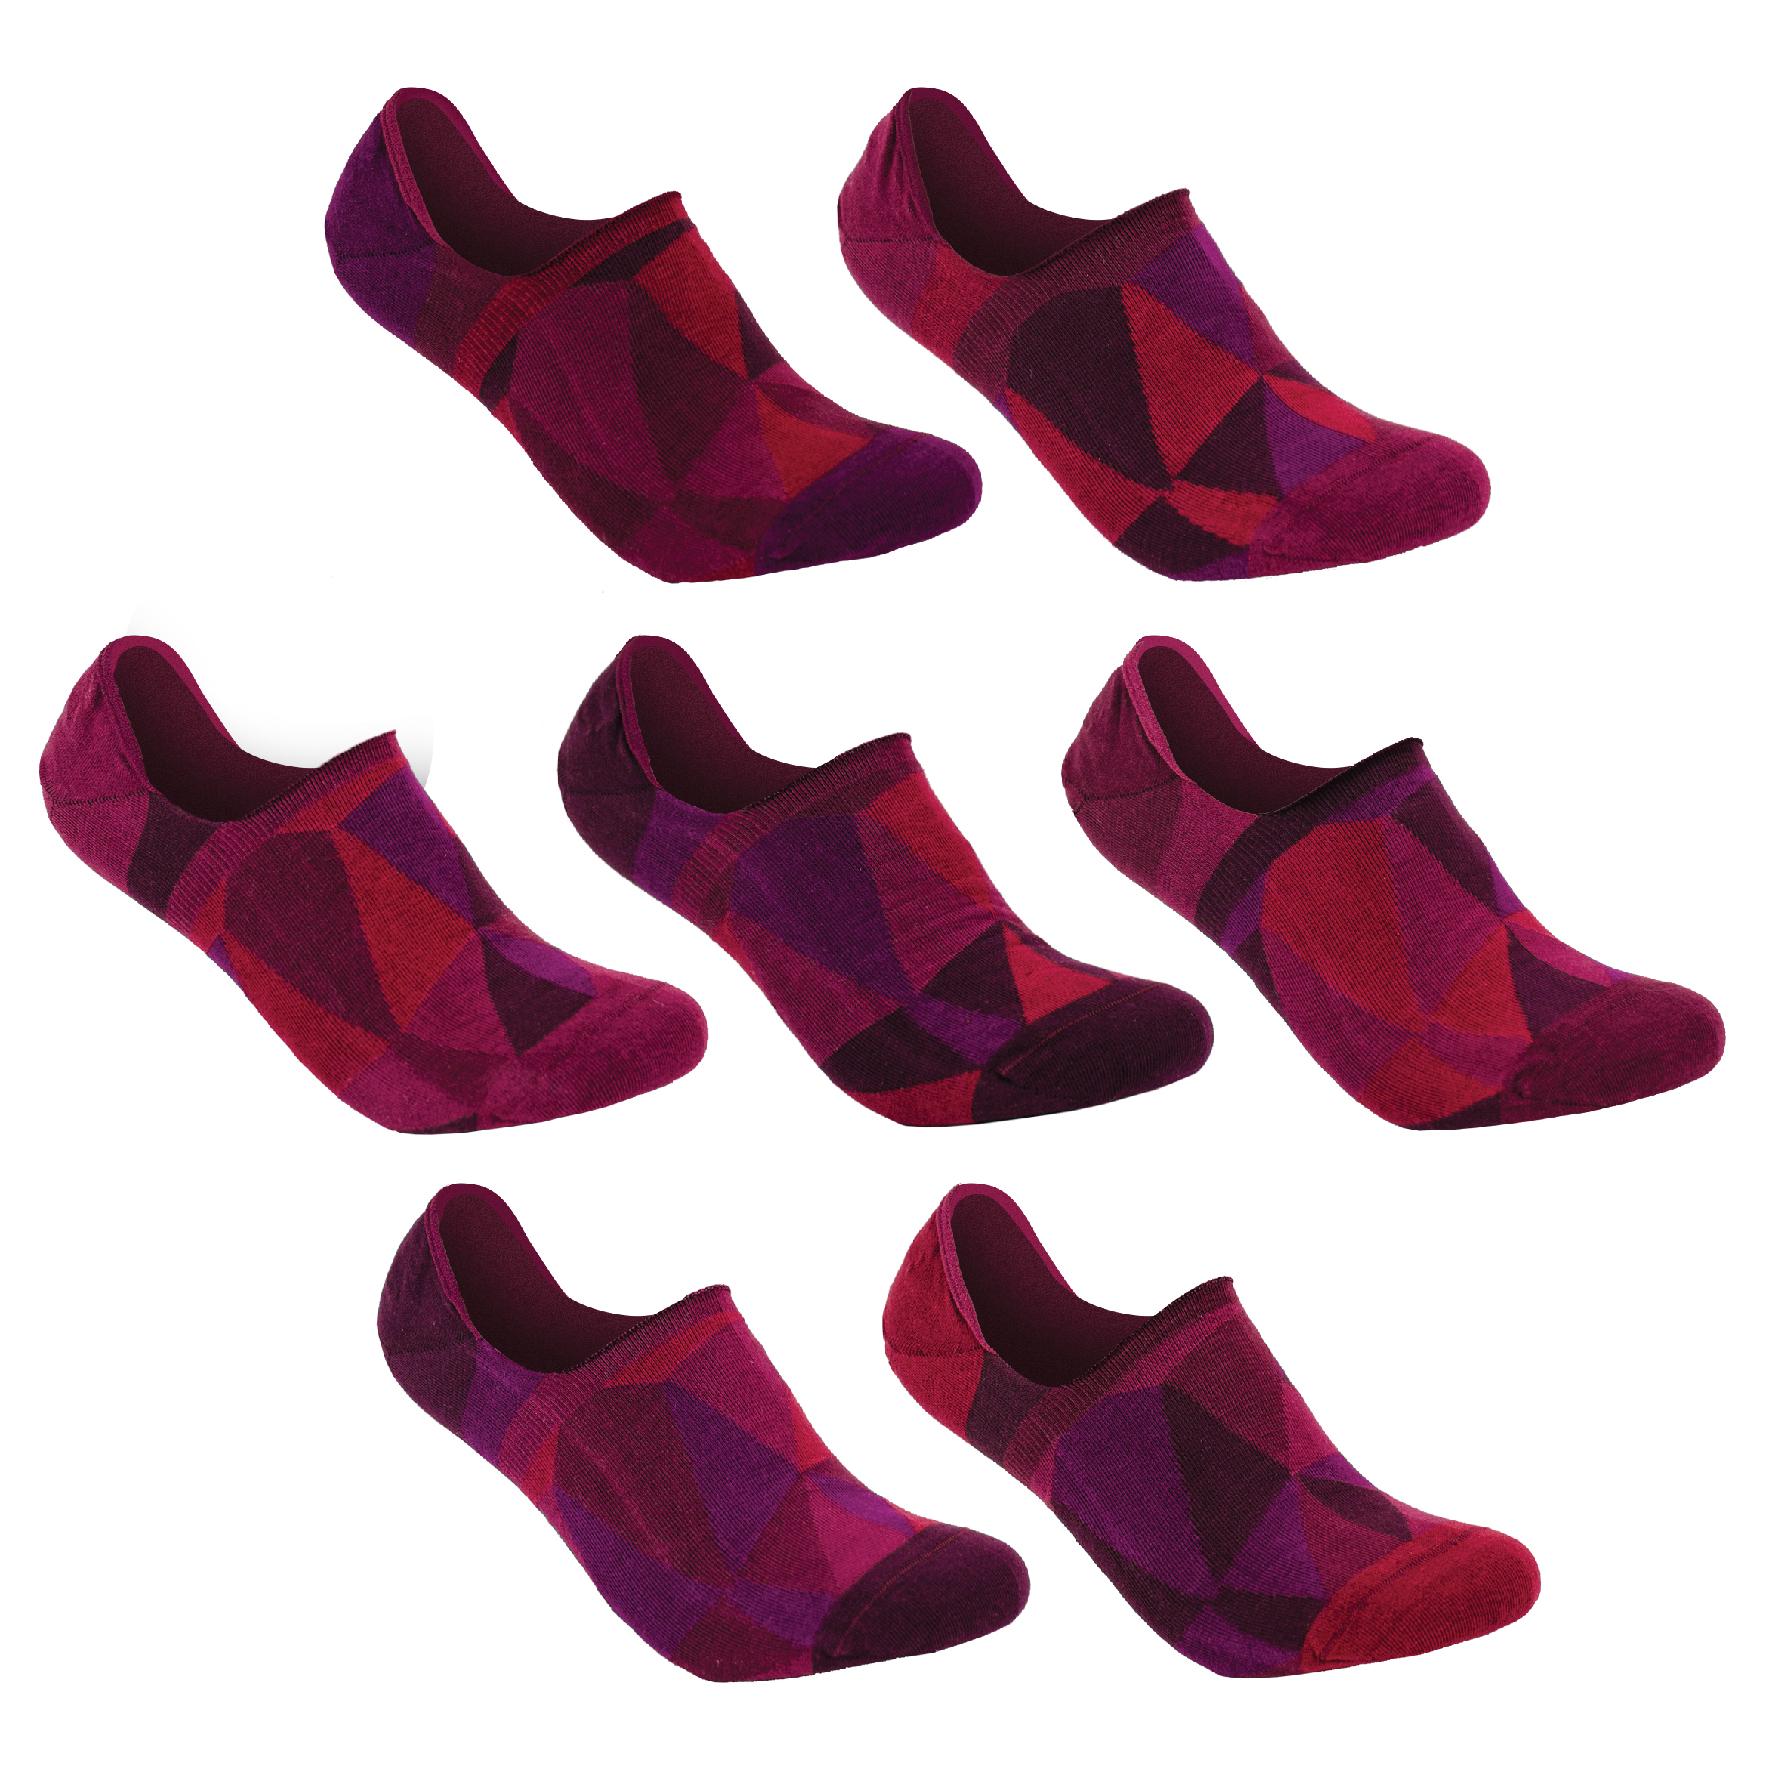 Gahry NoShow 7 Socks.jpg